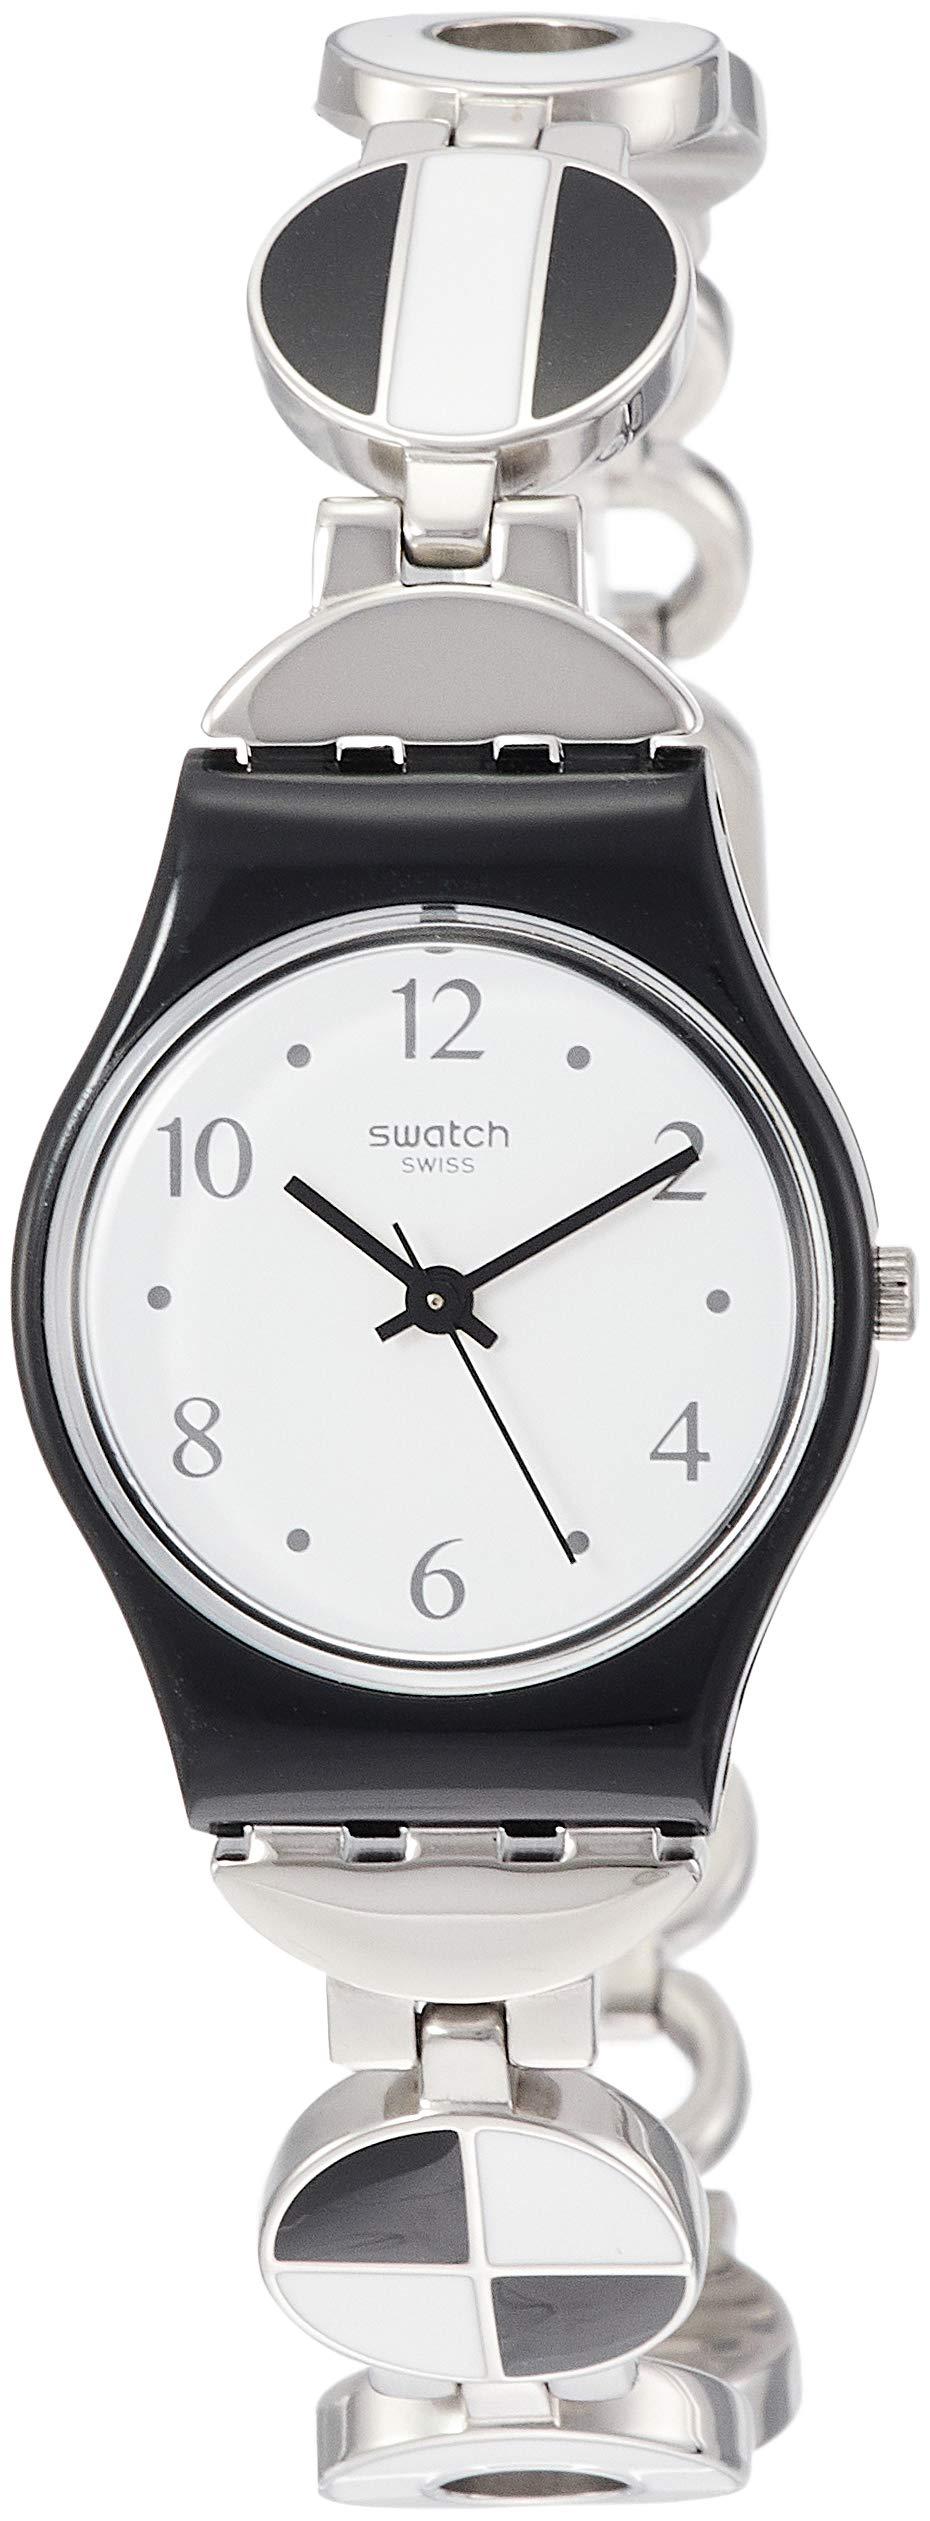 Swatch Reloj Analógico para Mujer de Cuarzo con Correa en Acero Inoxidable LB185G